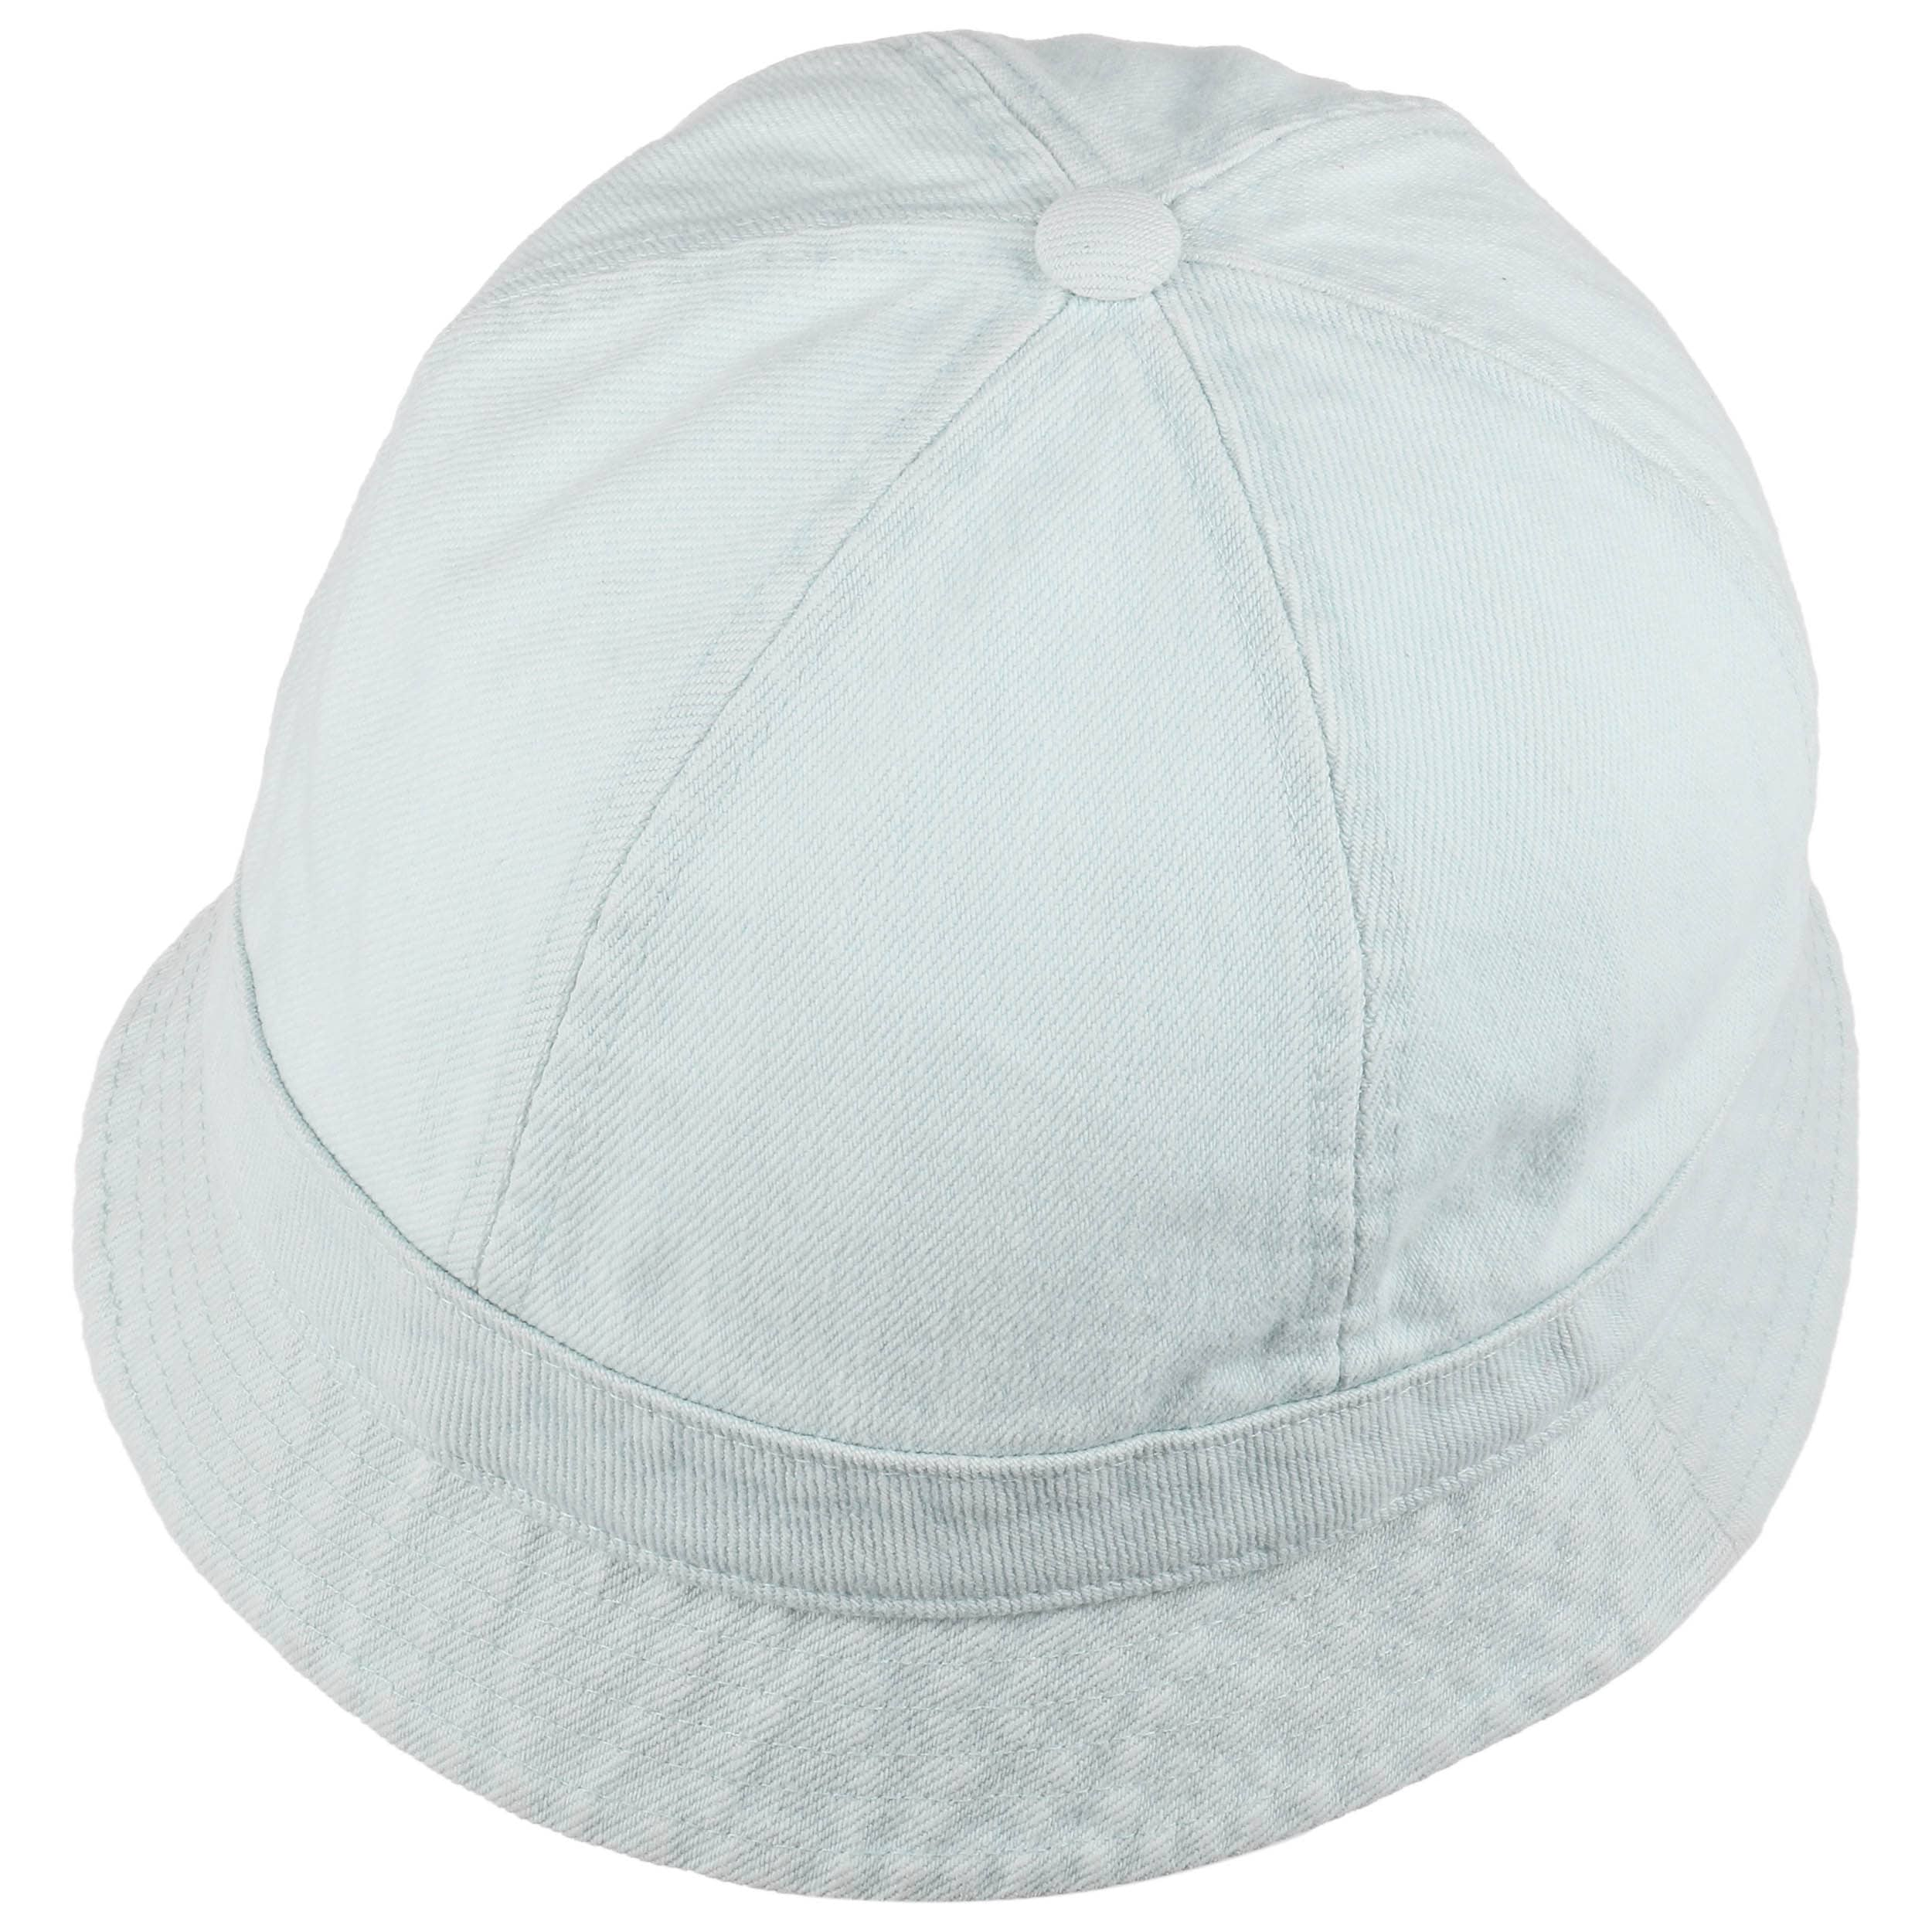 Uomo Tesa Cappello Tela Jeans yfvgIbY76